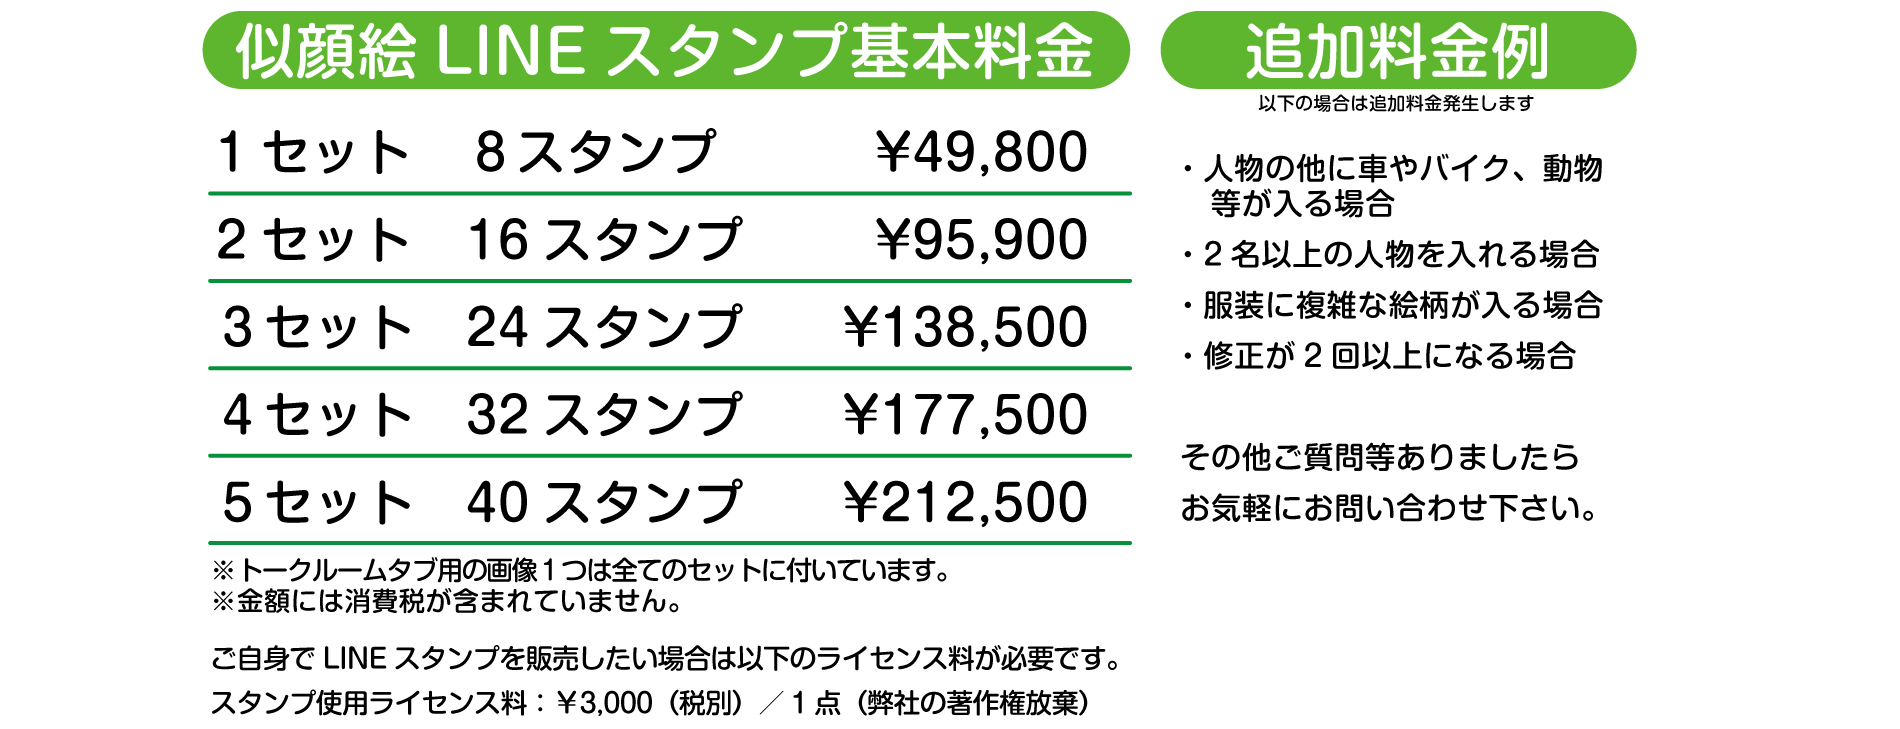 料金の目安 1set ¥49,800 2set ¥95,900 3set ¥138,500 4set ¥177,500 5set ¥212,500